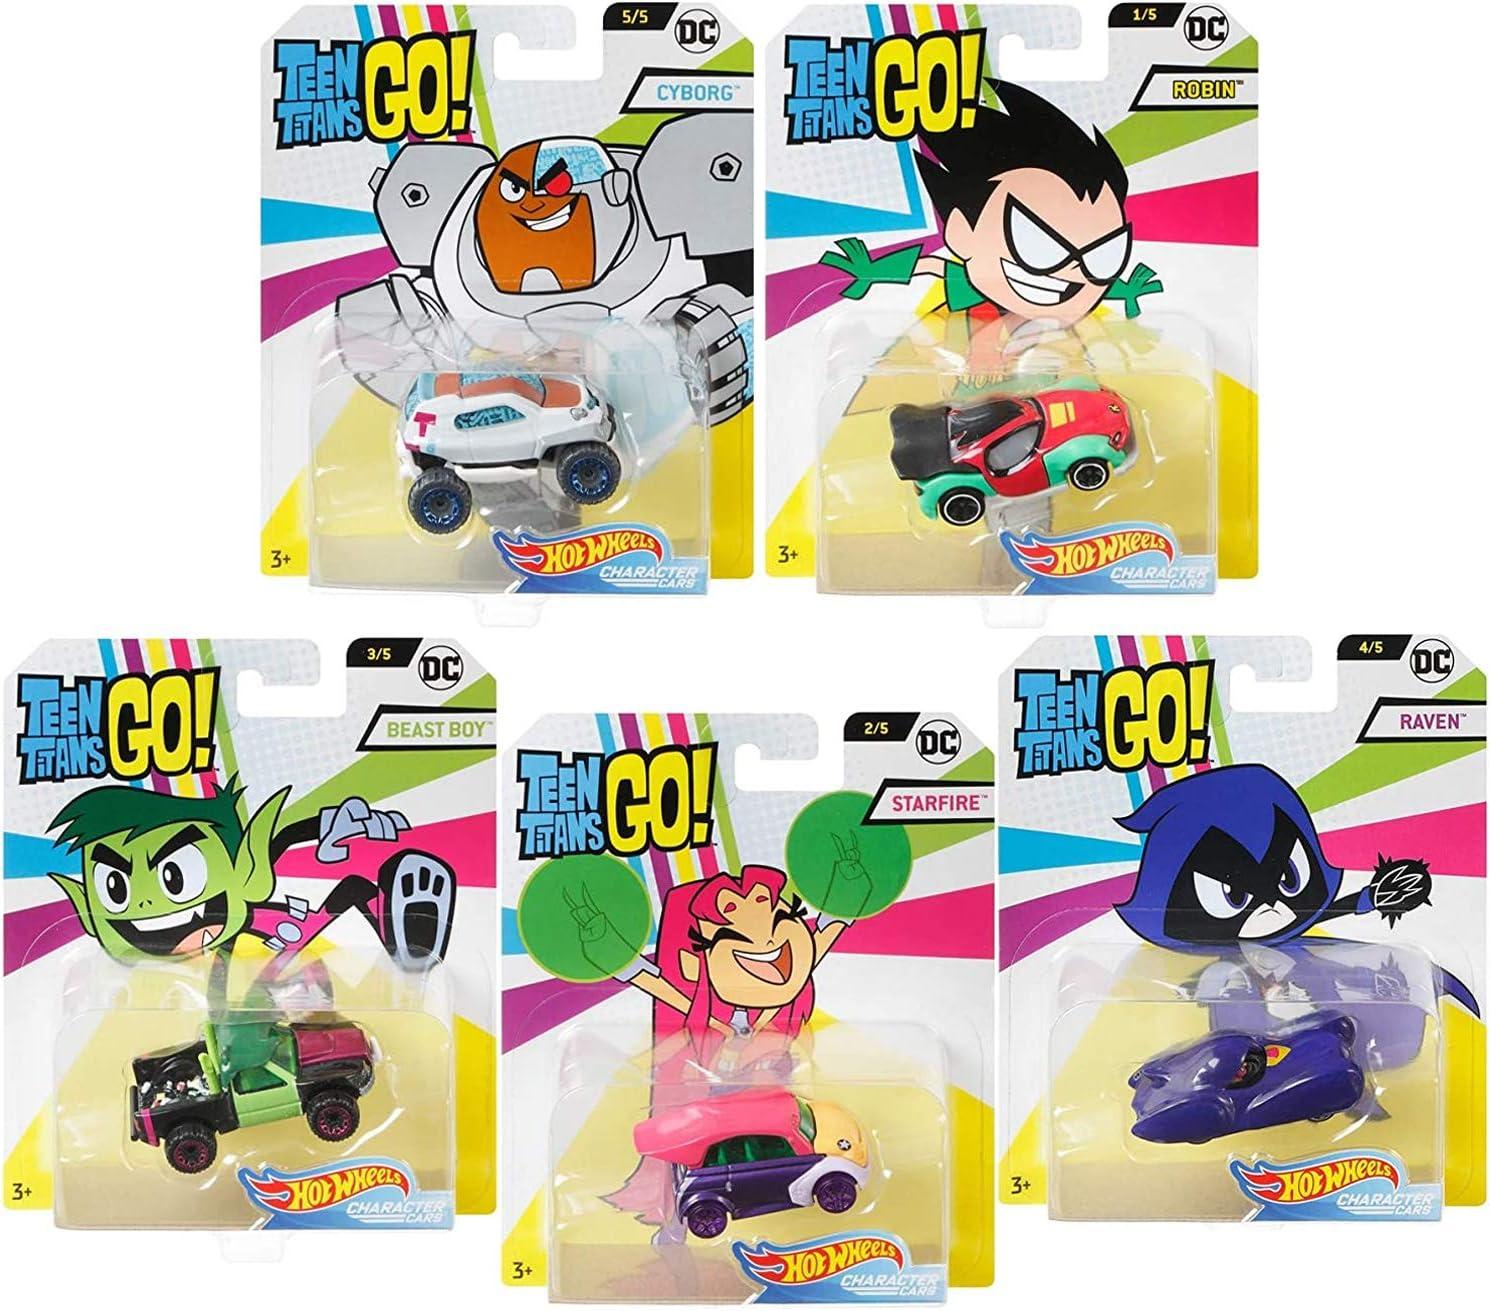 Hot Wheels Teen Titans GO! DC Comics - Set Completo de 5 Modelos Diecast en Escala 1/64 Mattel: Amazon.es: Juguetes y juegos